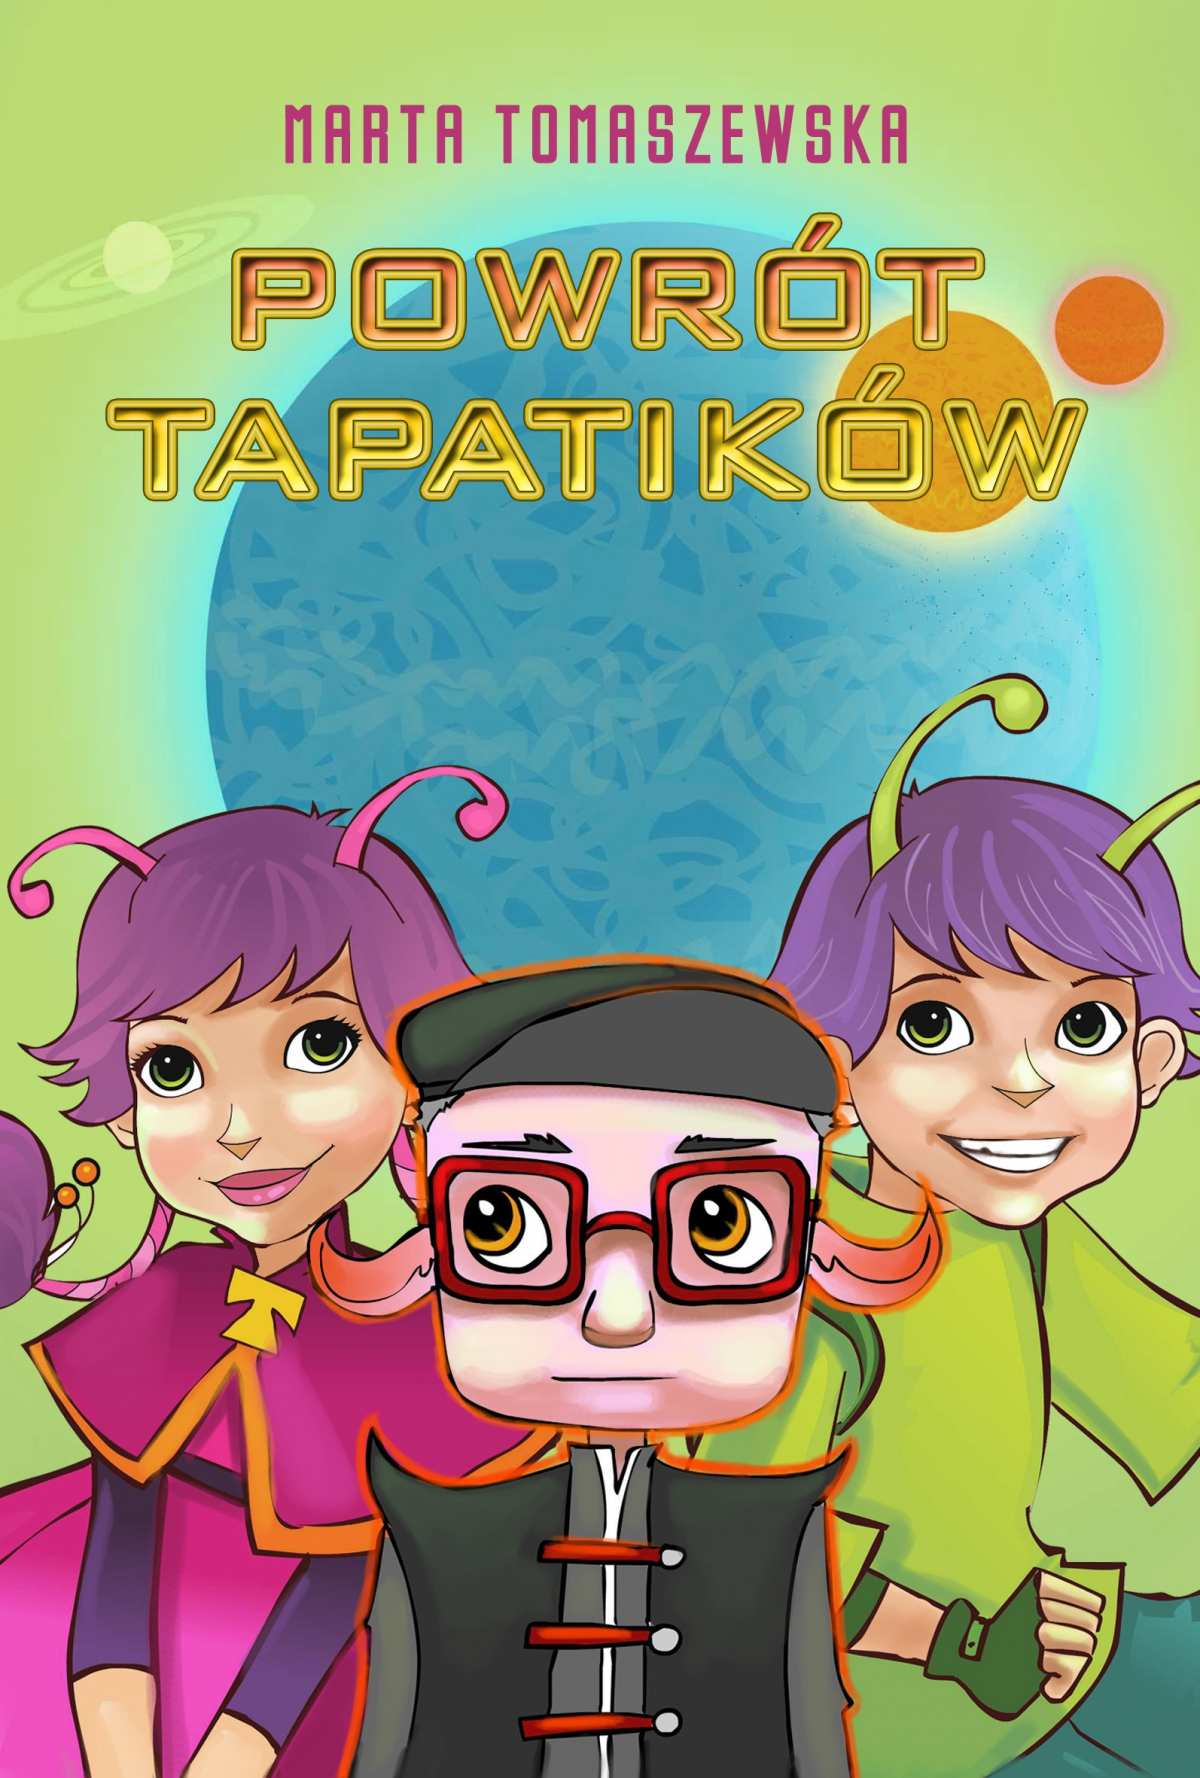 Powrót Tapatików - Ebook (Książka PDF) do pobrania w formacie PDF